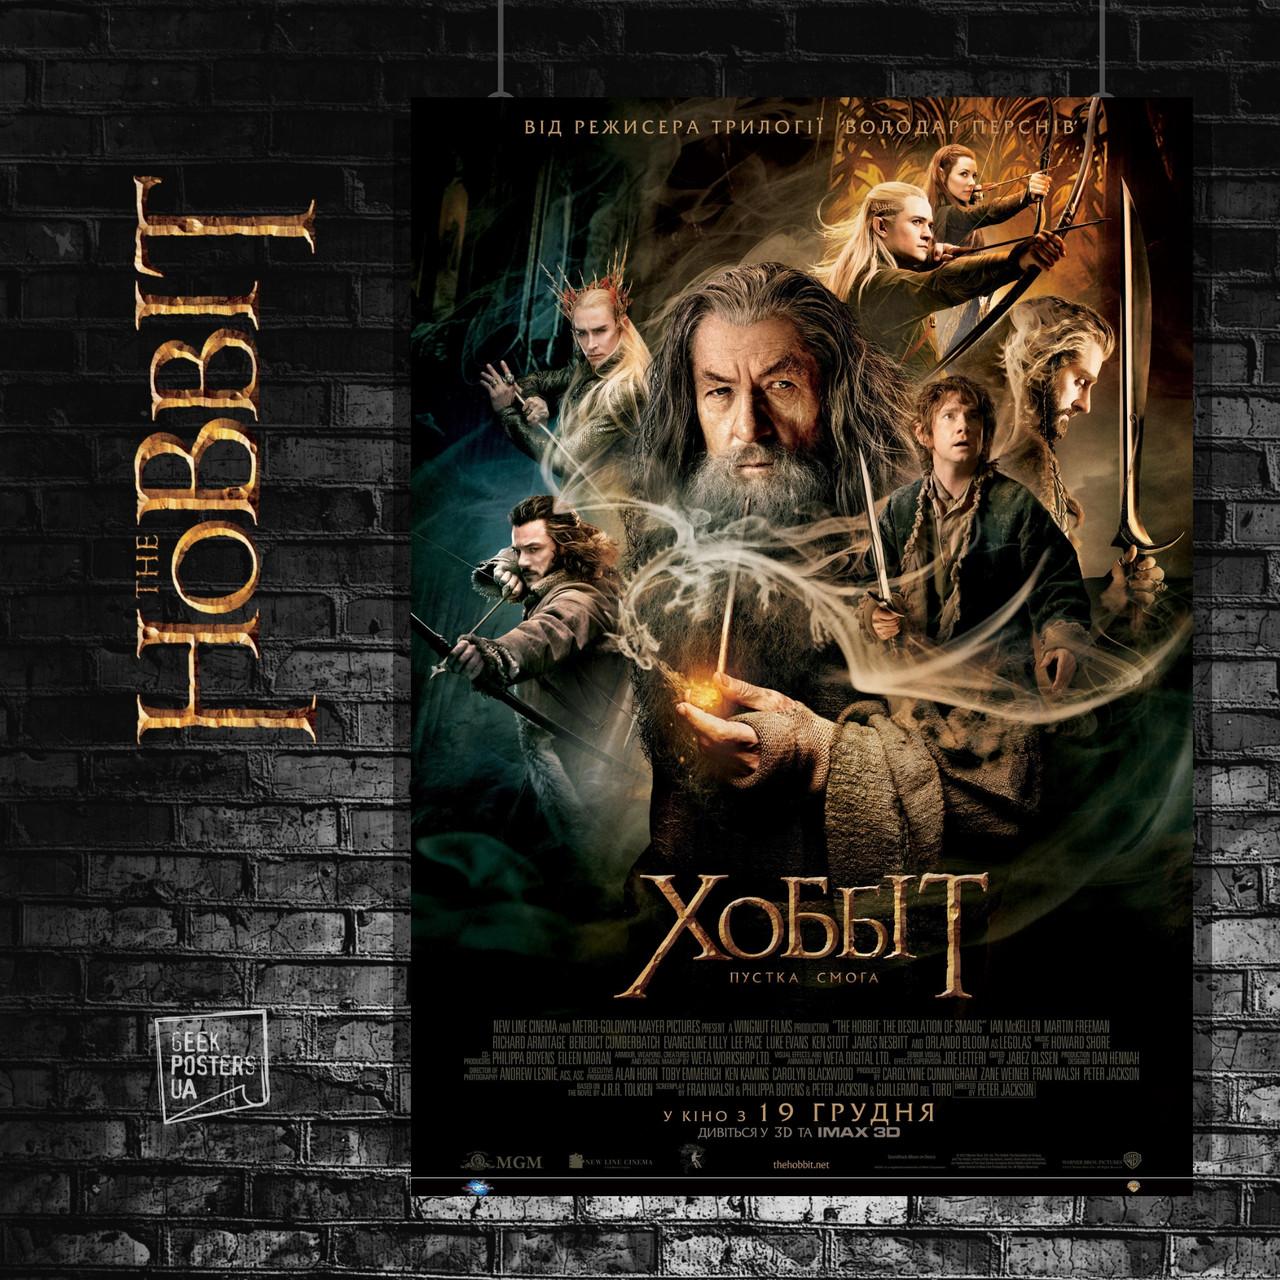 Постер Хоббит: Пустошь Смауга (2013), Властелин Колец. Размер 60x42см (A2). Глянцевая бумага